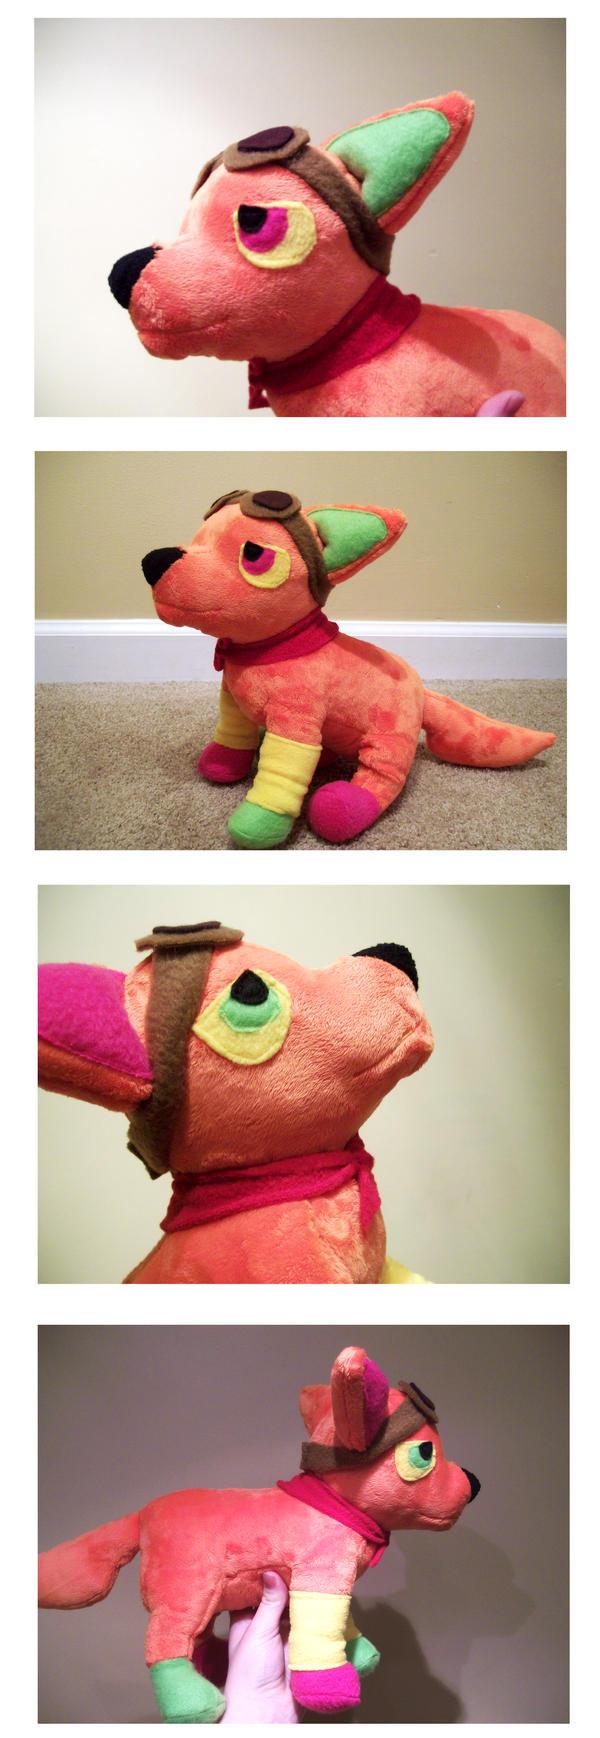 MonsterEnterprise Plush Commission by nettlebeast